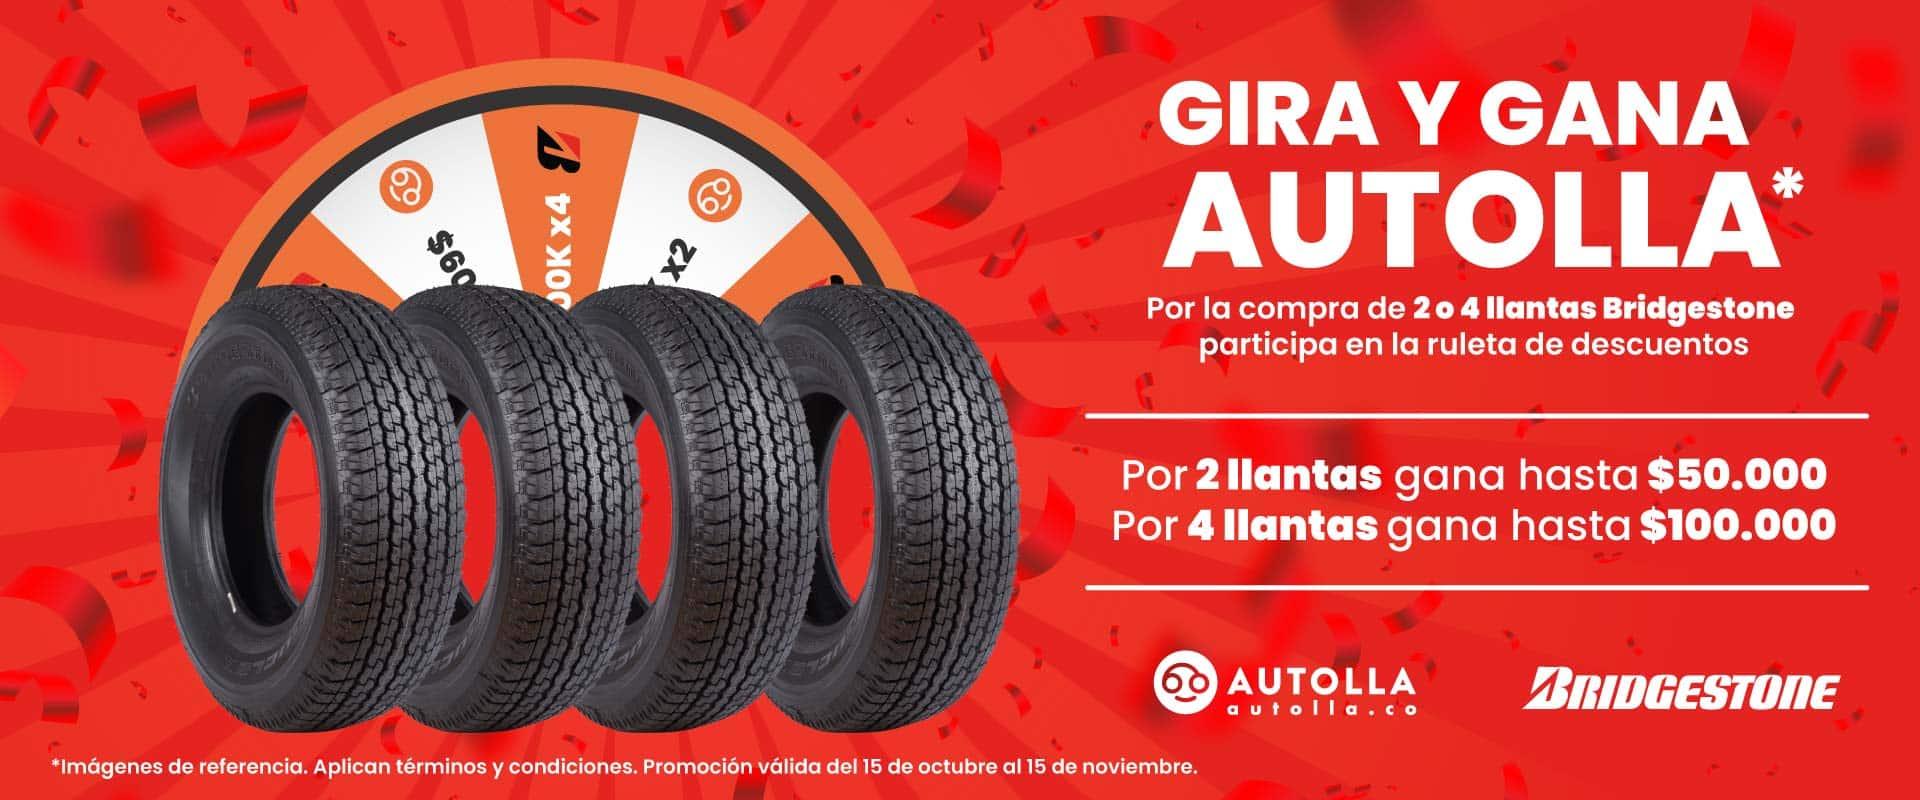 Gira y gana Autolla: Por la compra de 2 o 4 llantas Bridgestone participa en la ruleta de descuentos